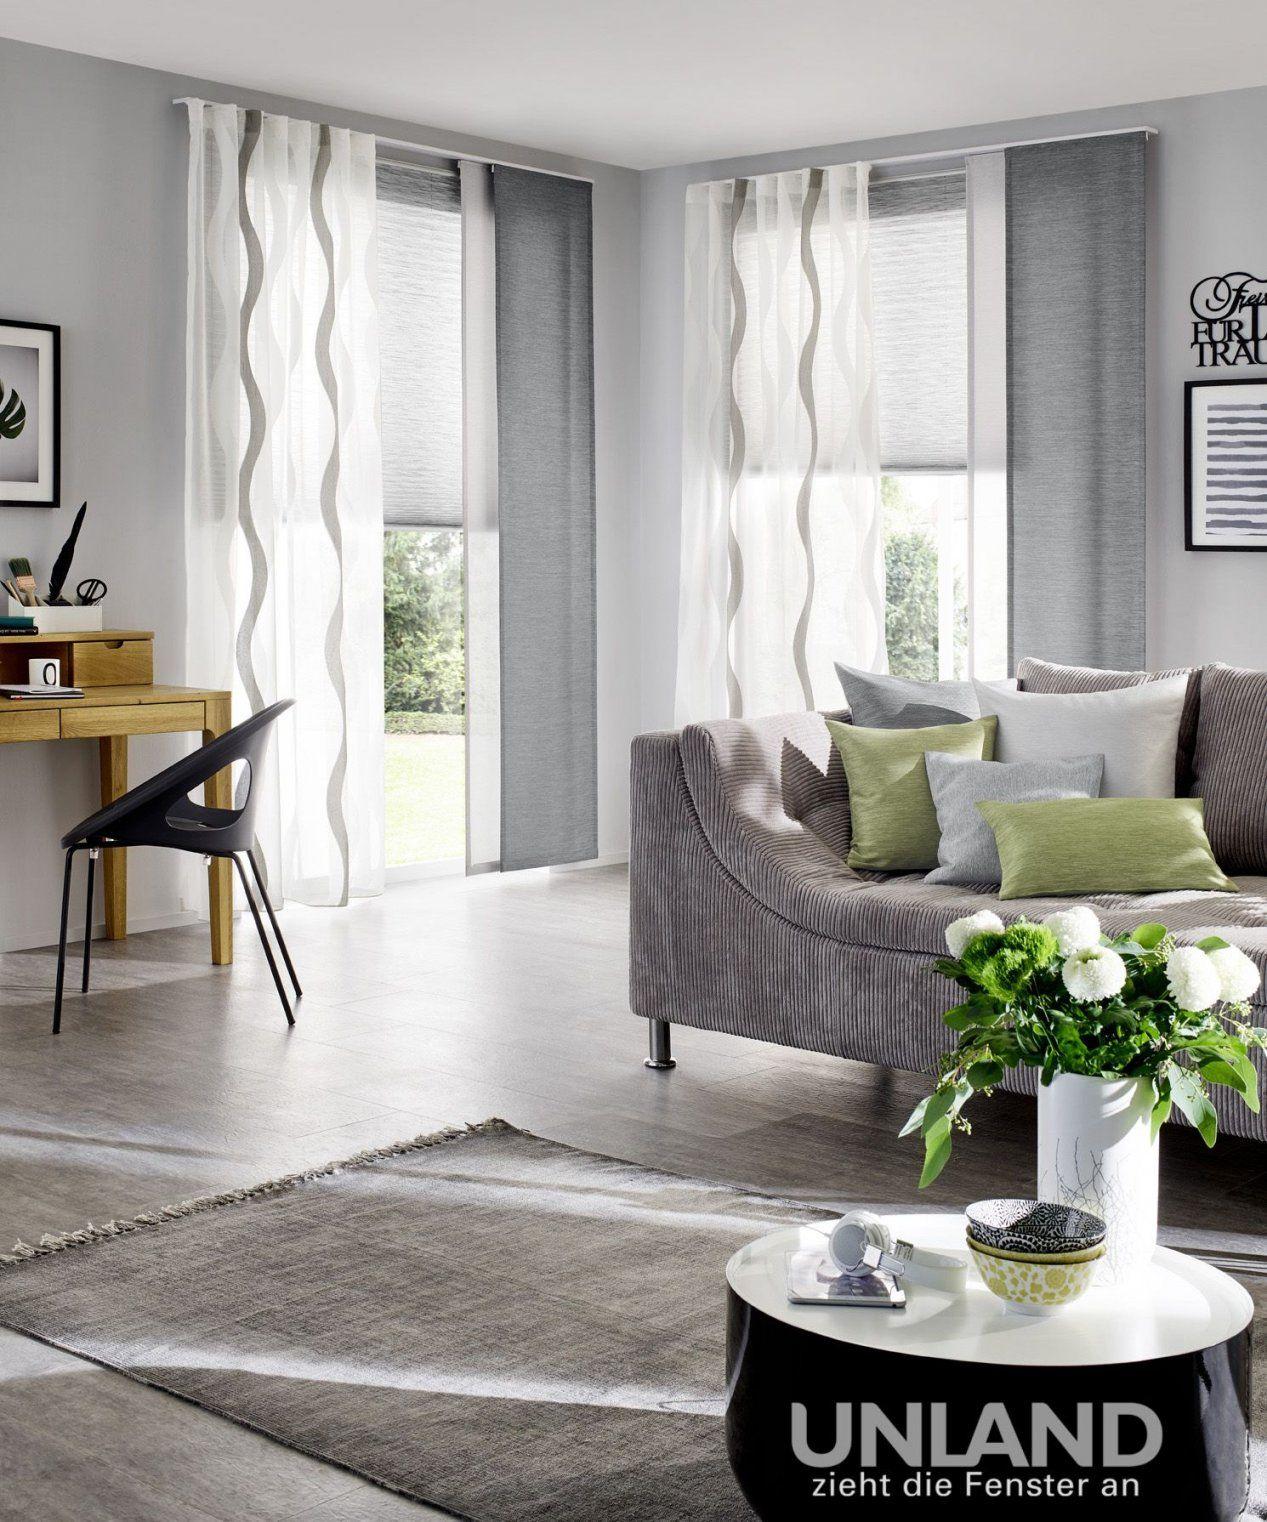 Fenster Tarim Gardinen Dekostoffe Vorhang Wohnstoffeplissees von Unland Gardinen Muster Photo